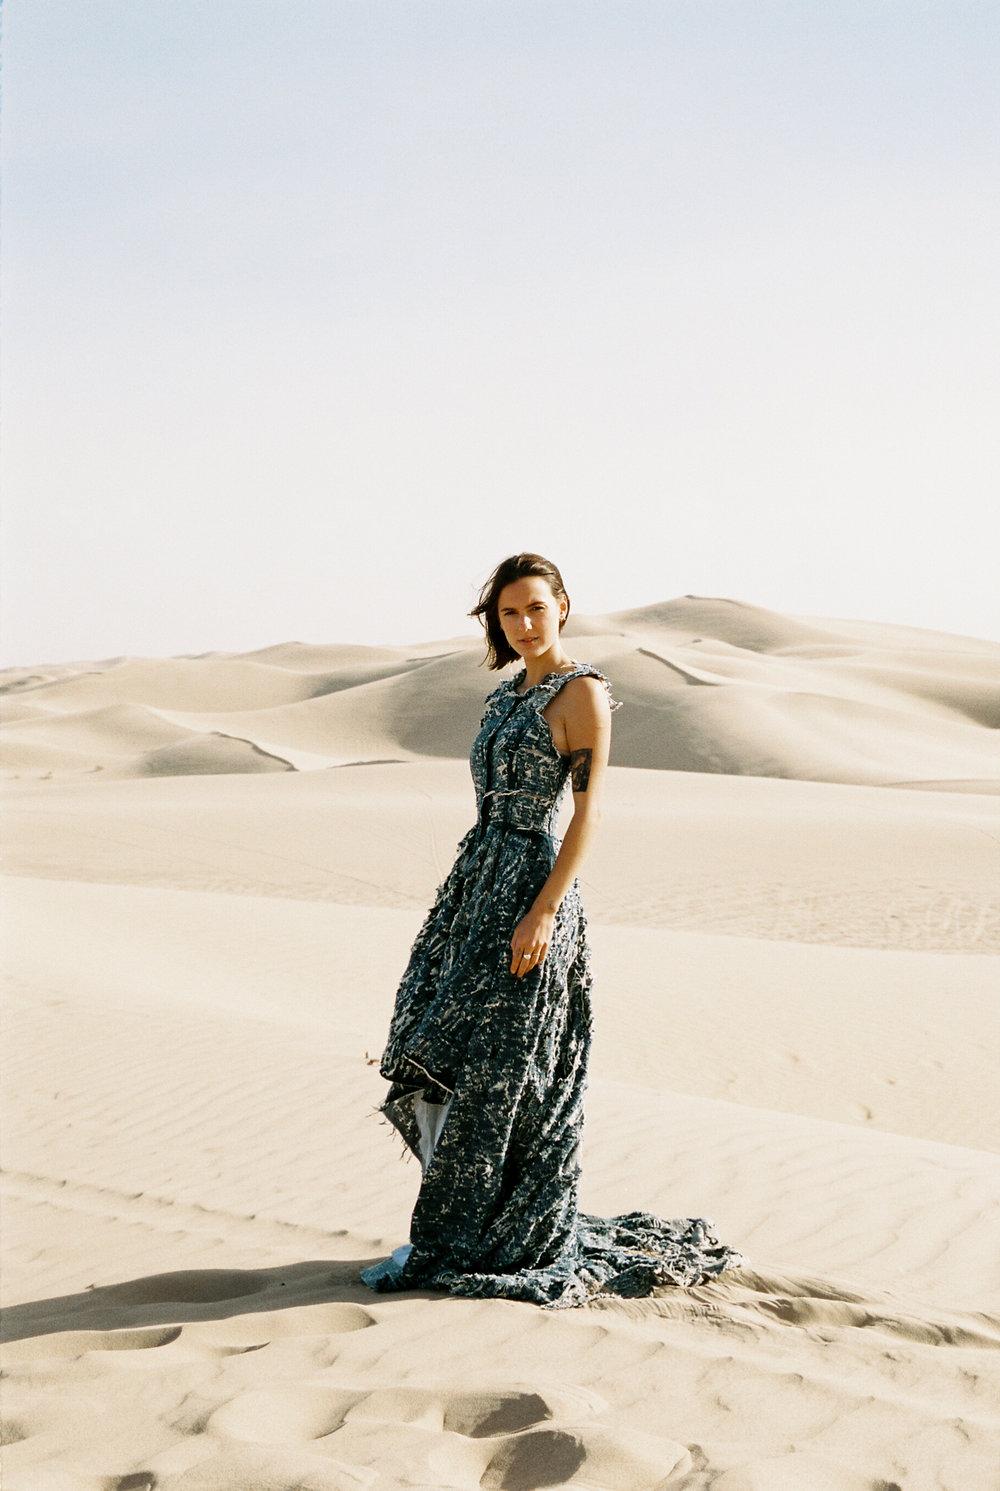 DesertFilm2 (3 of 101).jpg